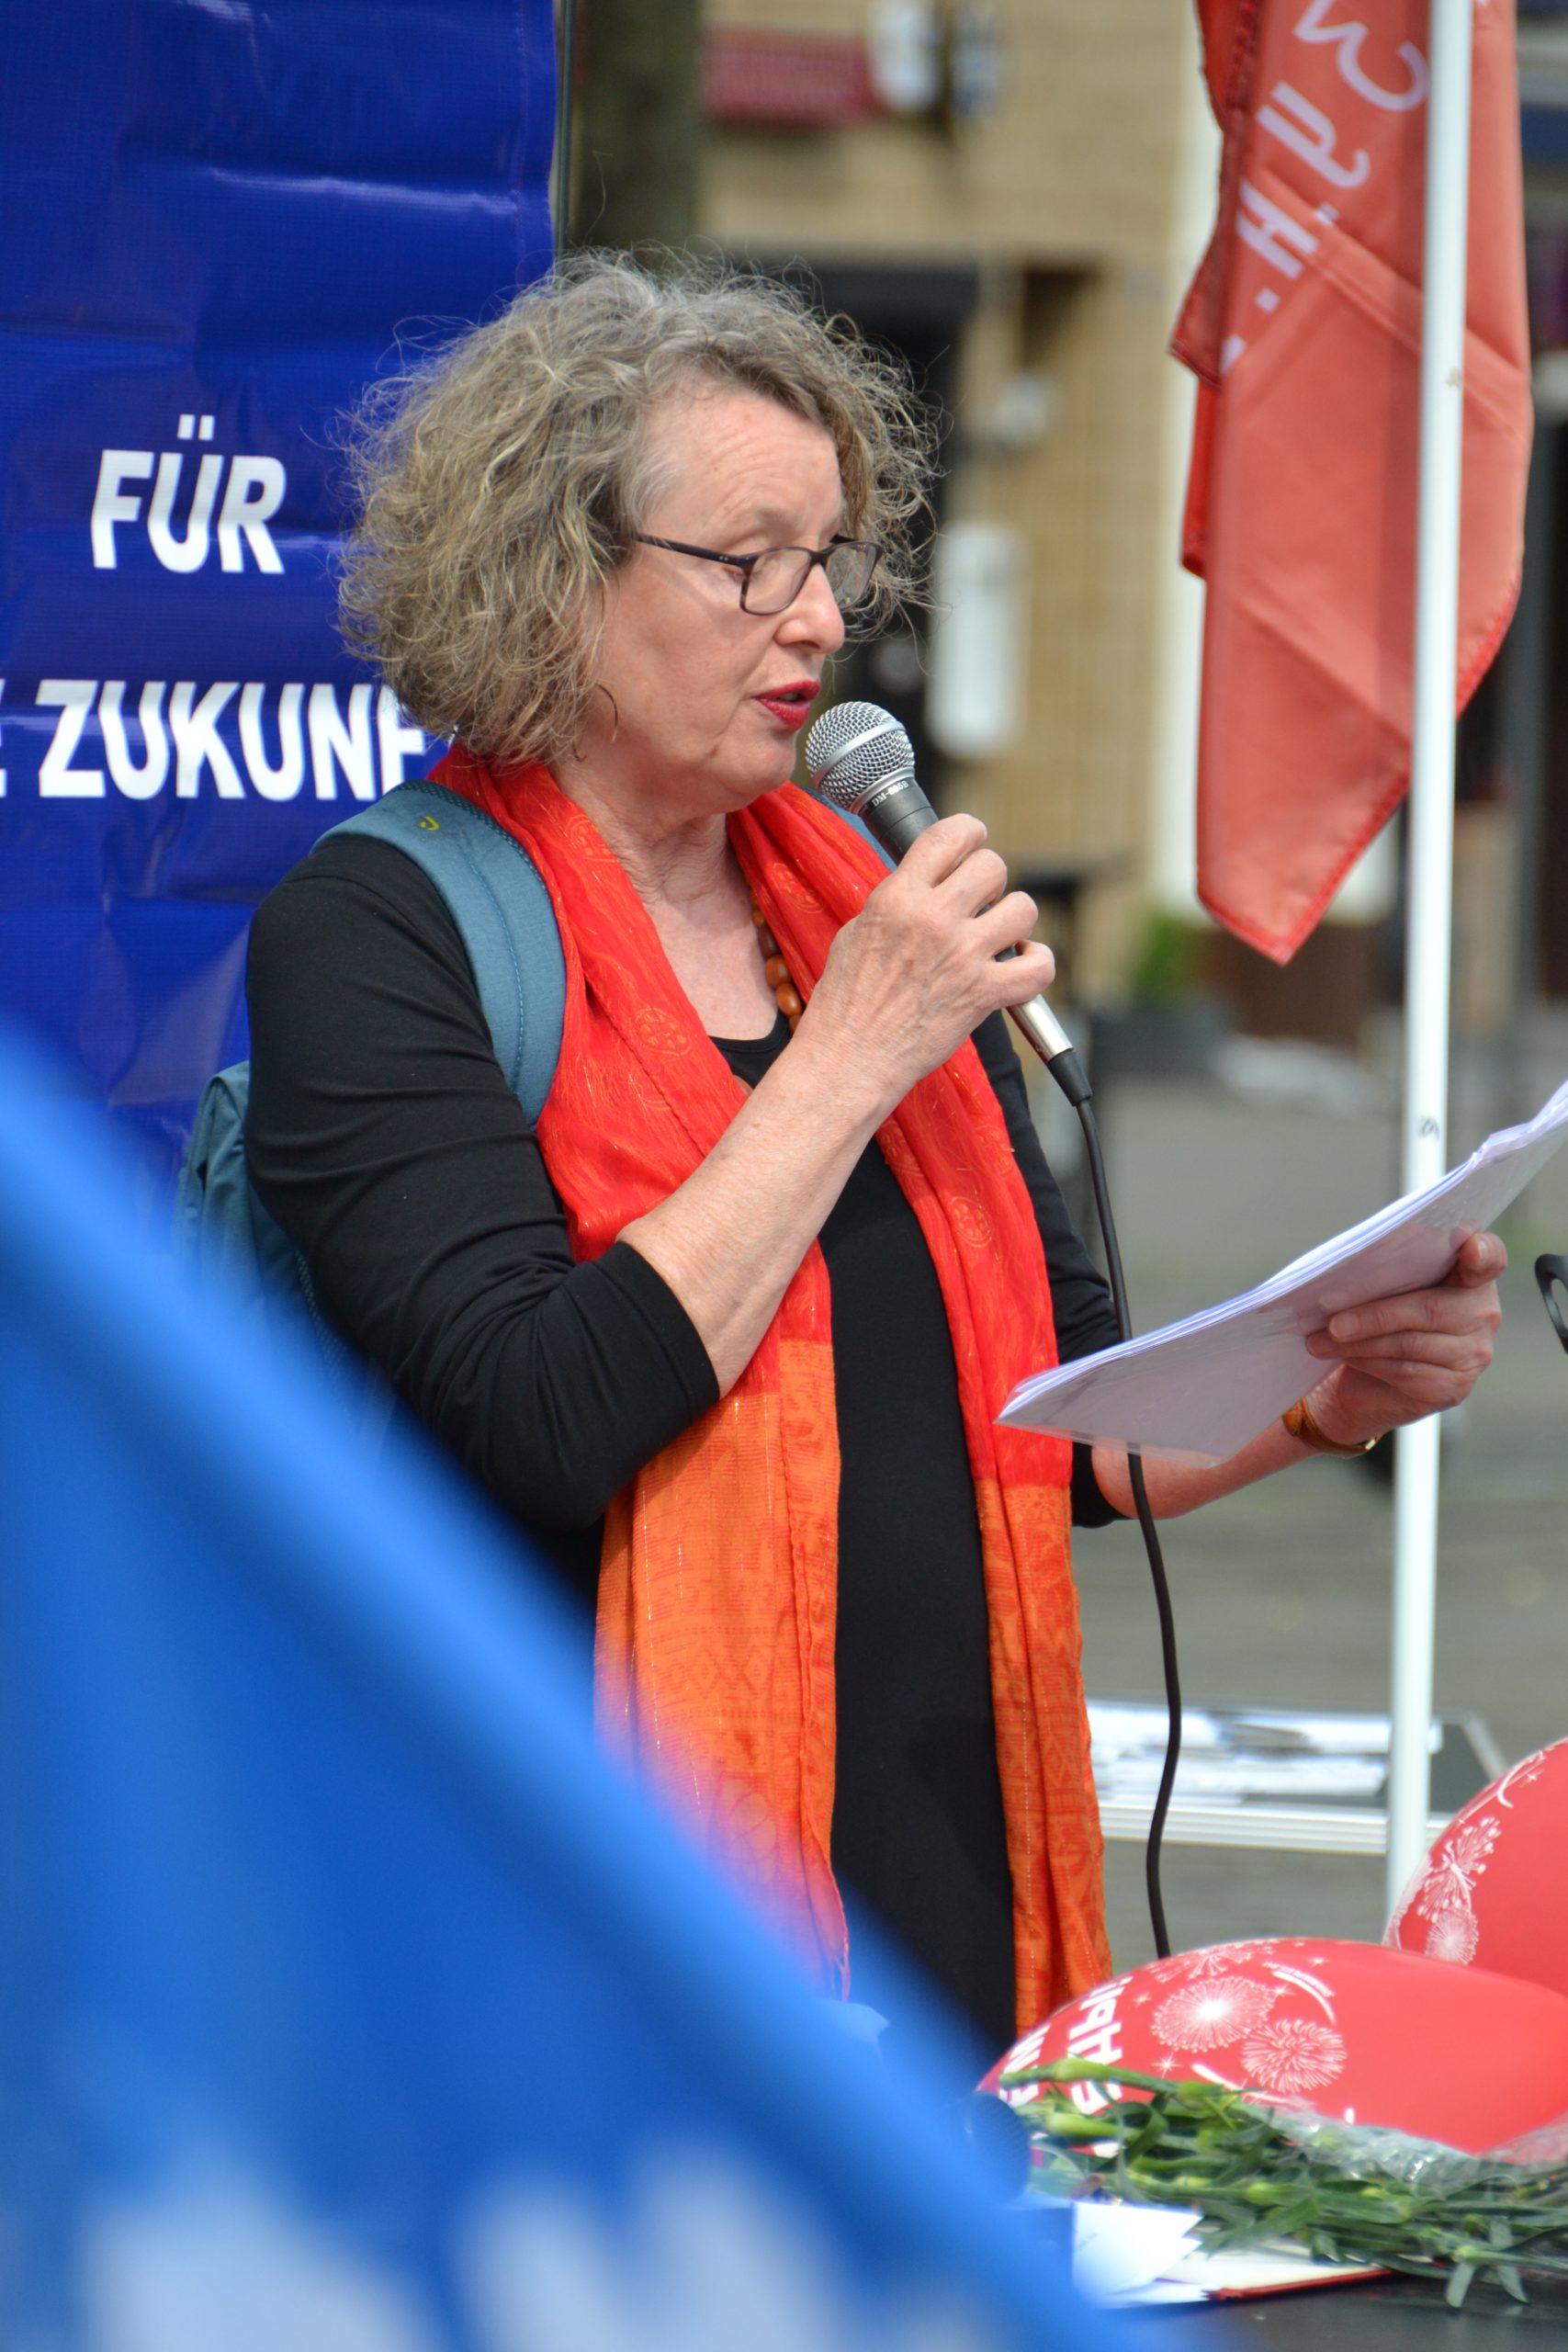 """Eine Frau mit Brille und dicken graumelierten kurzen Locken spricht in ein Mikro. Sie trägt ein schwarzes Oberteil und ein langes hellrotes Tuch. Hinter ihr ist das Fragment eines blauen Plakats mit der weißen Aufschrift """"Für Zukunft"""" zu sehen."""